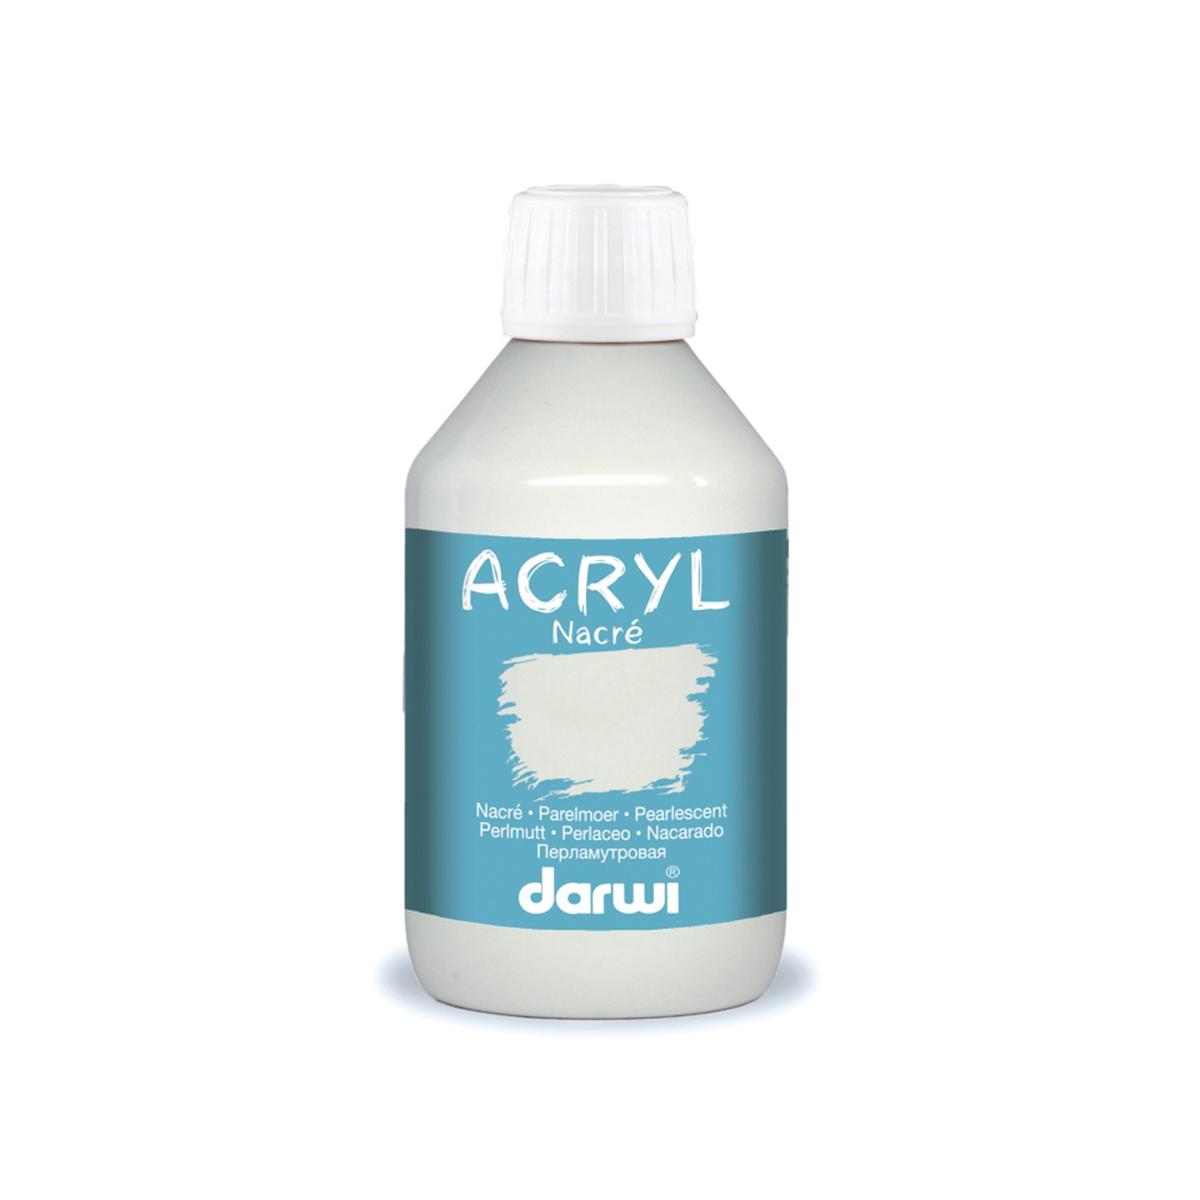 DA0210250 Акриловая краска NACRE перламутровая Darwi, 250мл